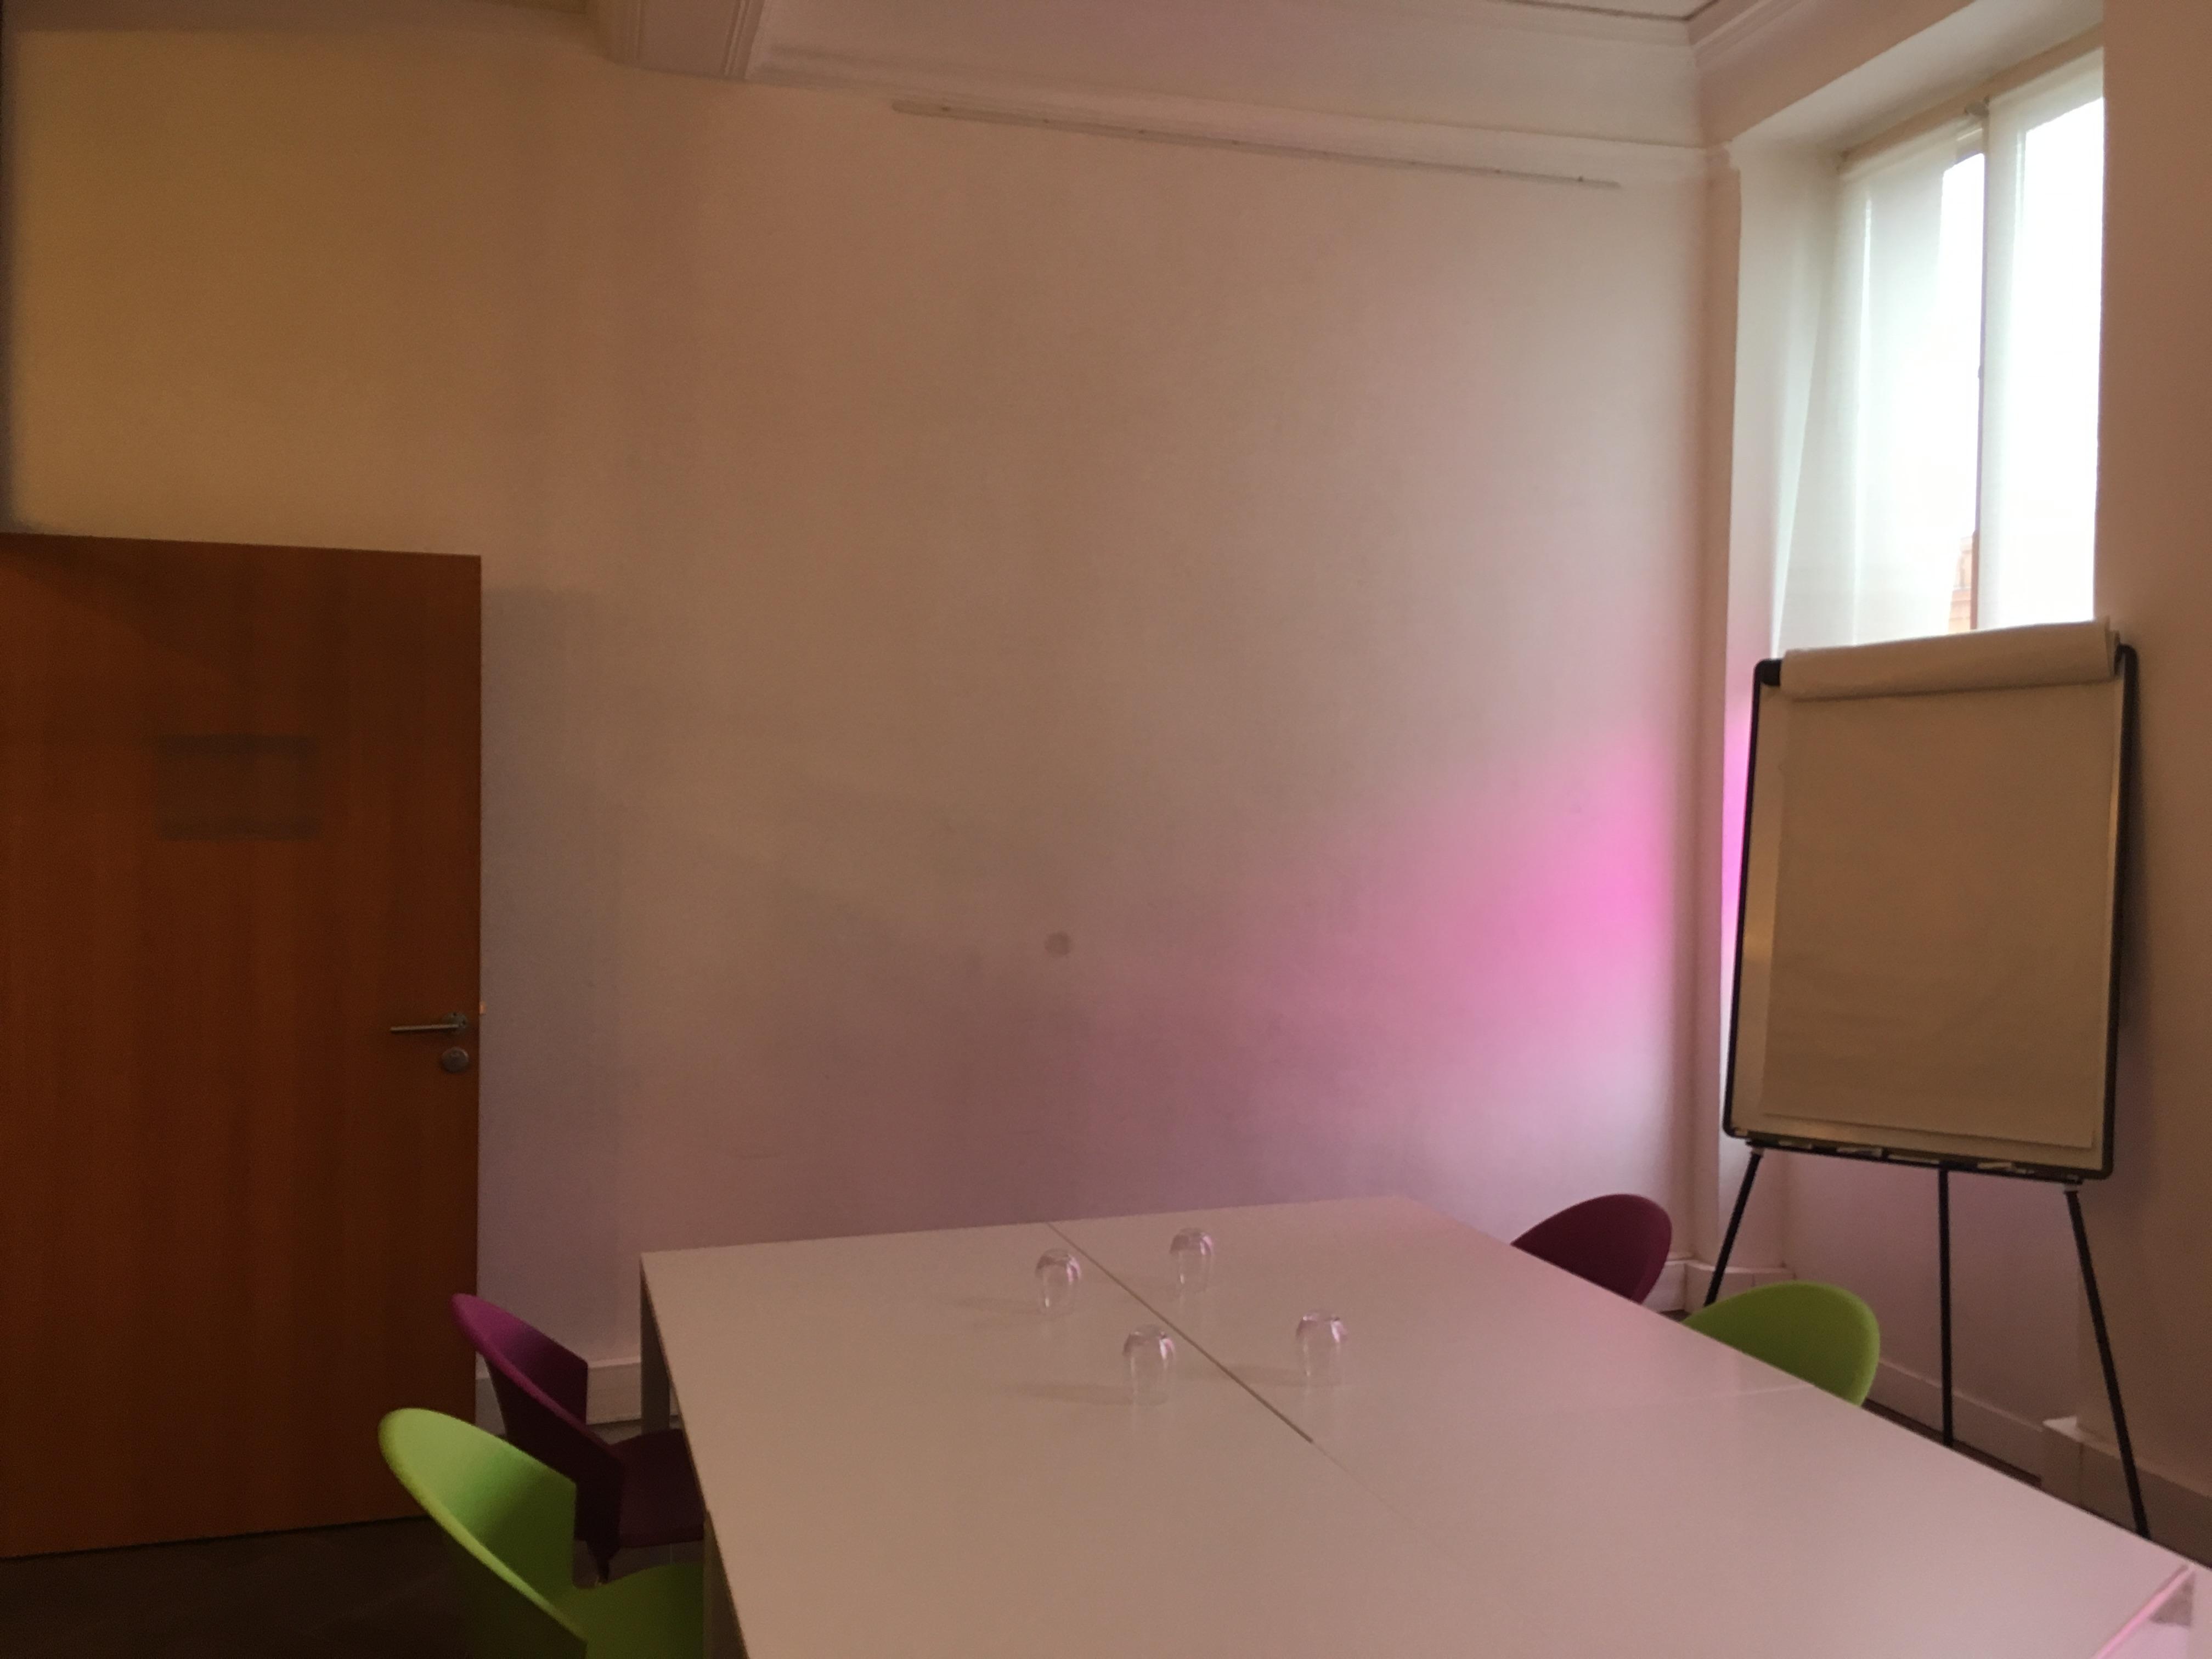 Le mur Velleda à droite permet d'écrire sur tout le pan de mur